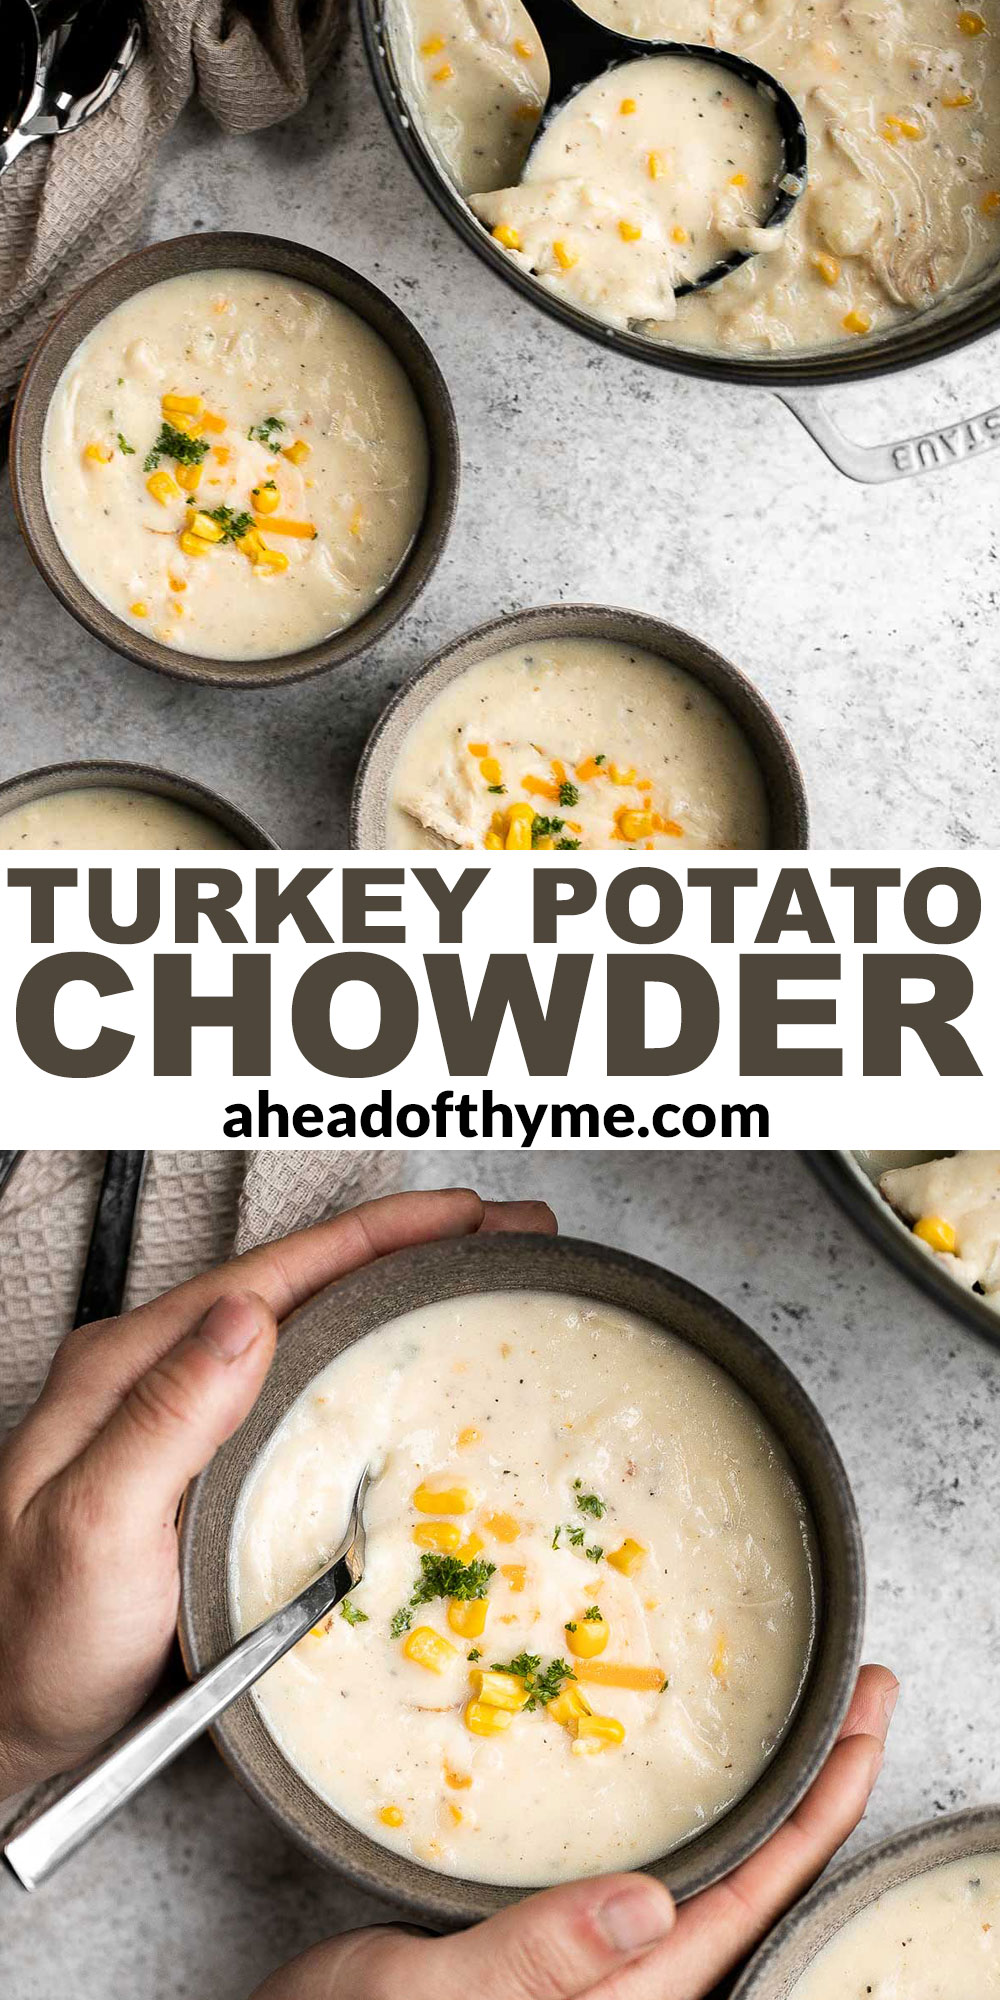 Turkey Potato Chowder